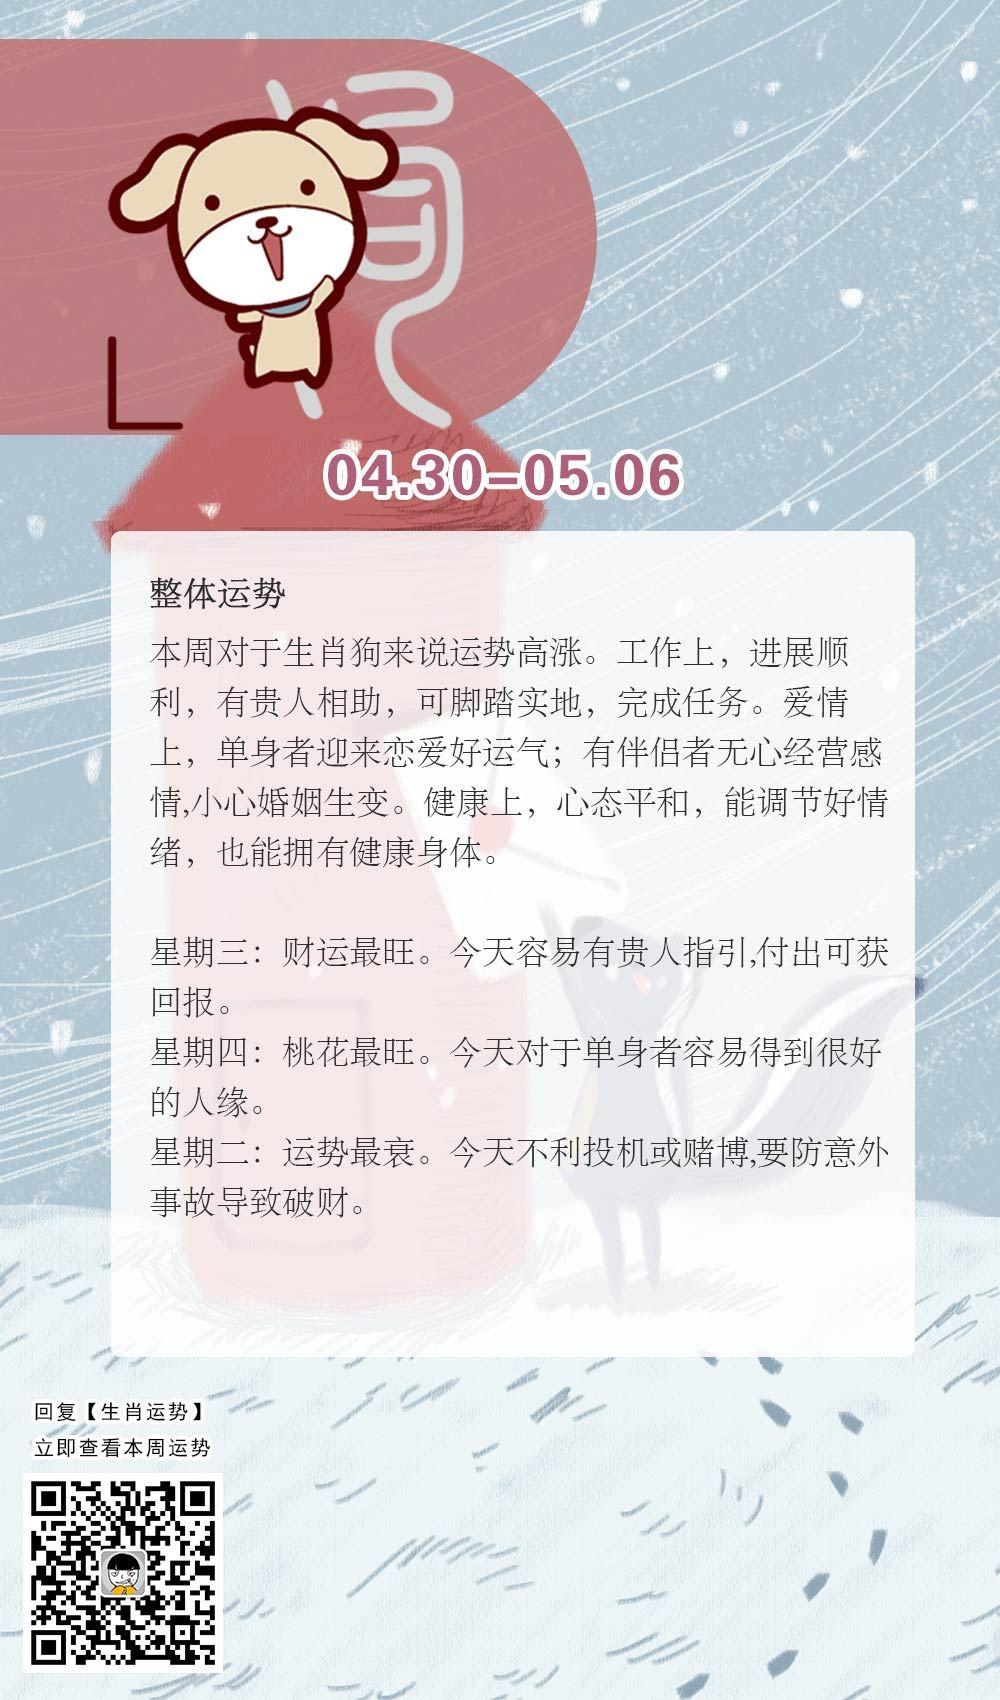 生肖狗本周运势【2018.04.30-05.06】